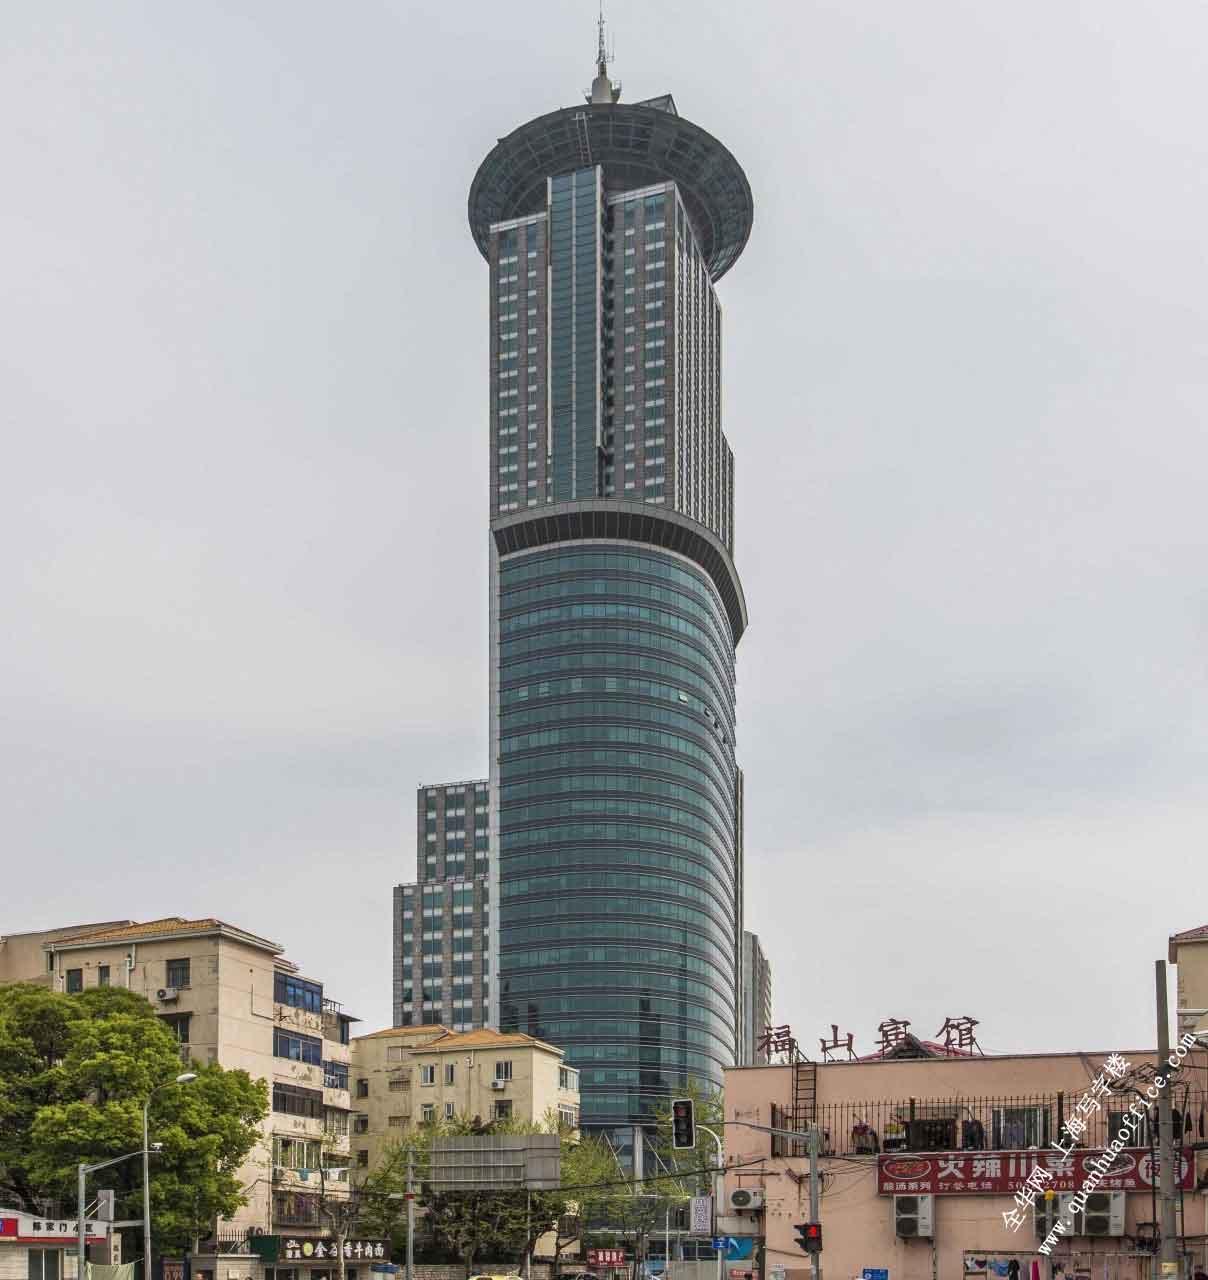 国际航运金融大厦外观图